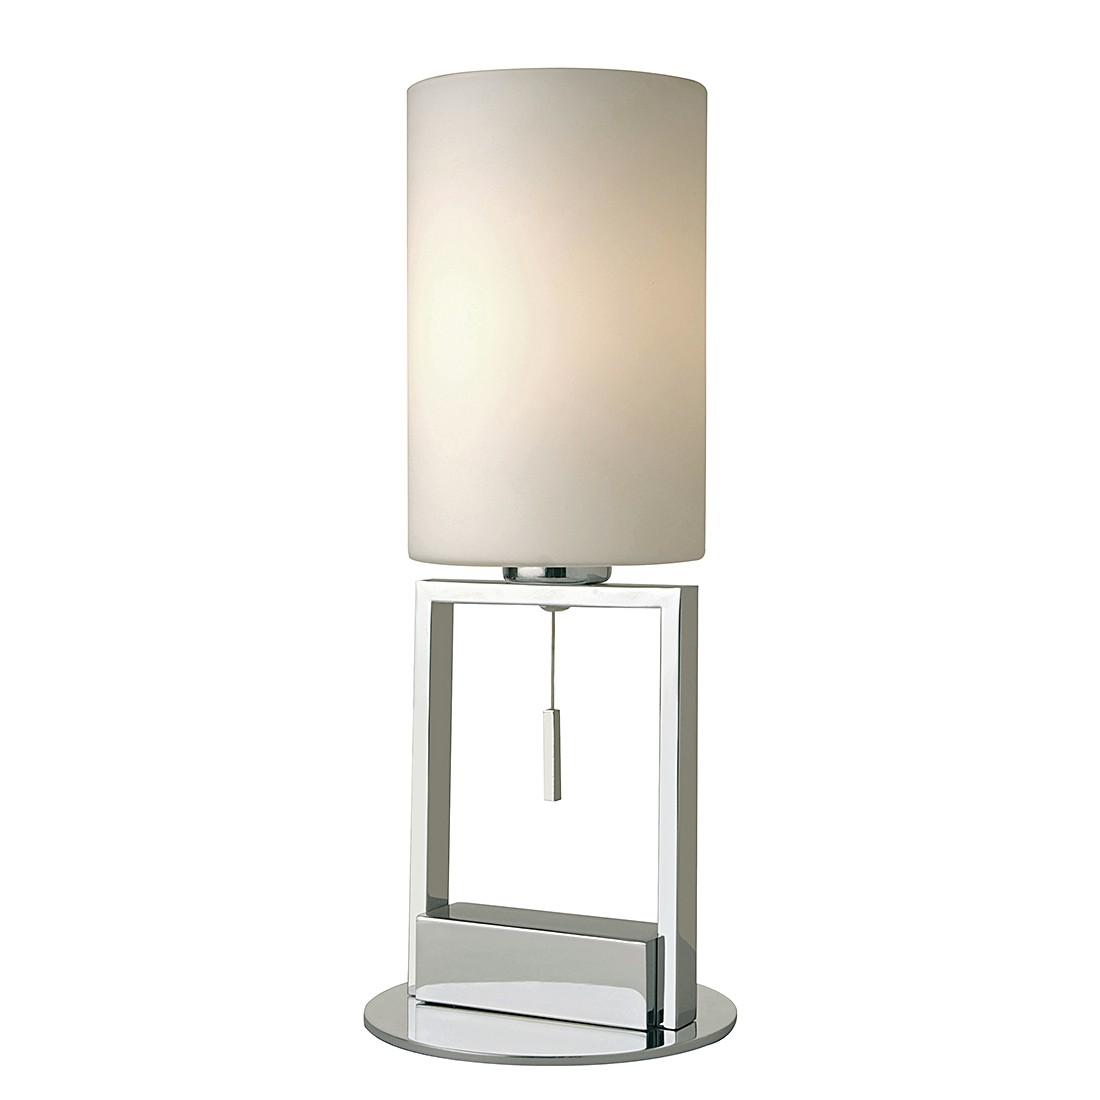 EEK A++, Tischleuchte Fine – Silber/Weiß – 1-flammig, Sompex günstig online kaufen